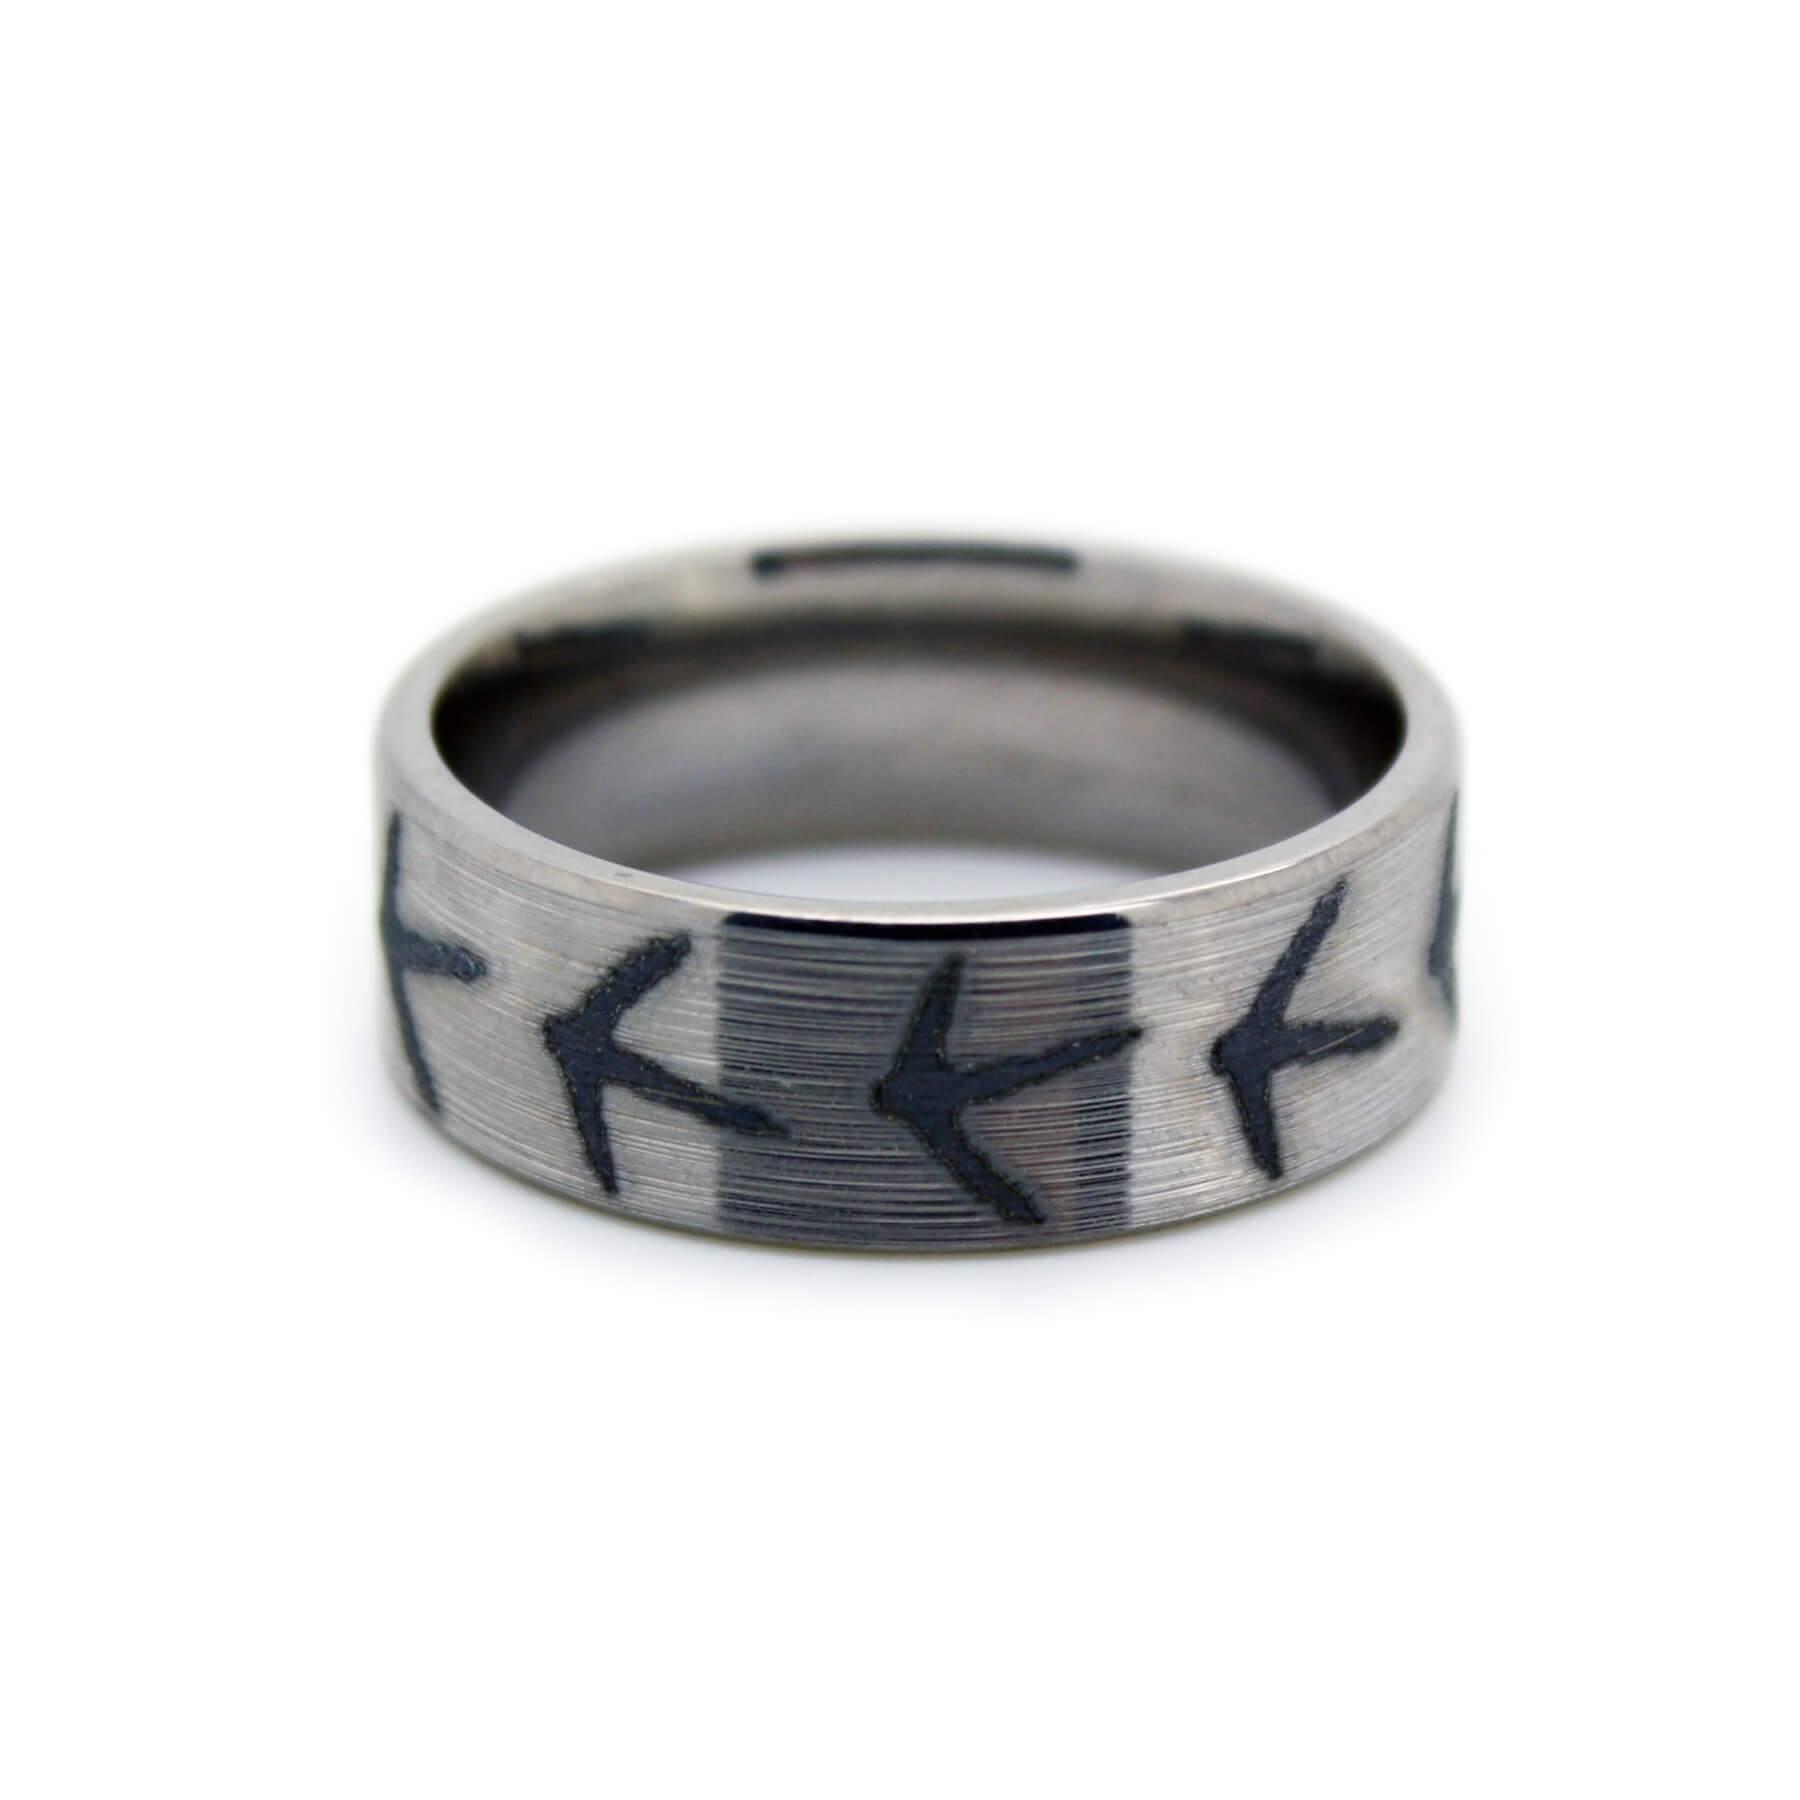 Turkey Hunting Wedding Band – Titanium Laser Engraved Foot Ring Pertaining To Titanium Men Wedding Rings (View 11 of 15)